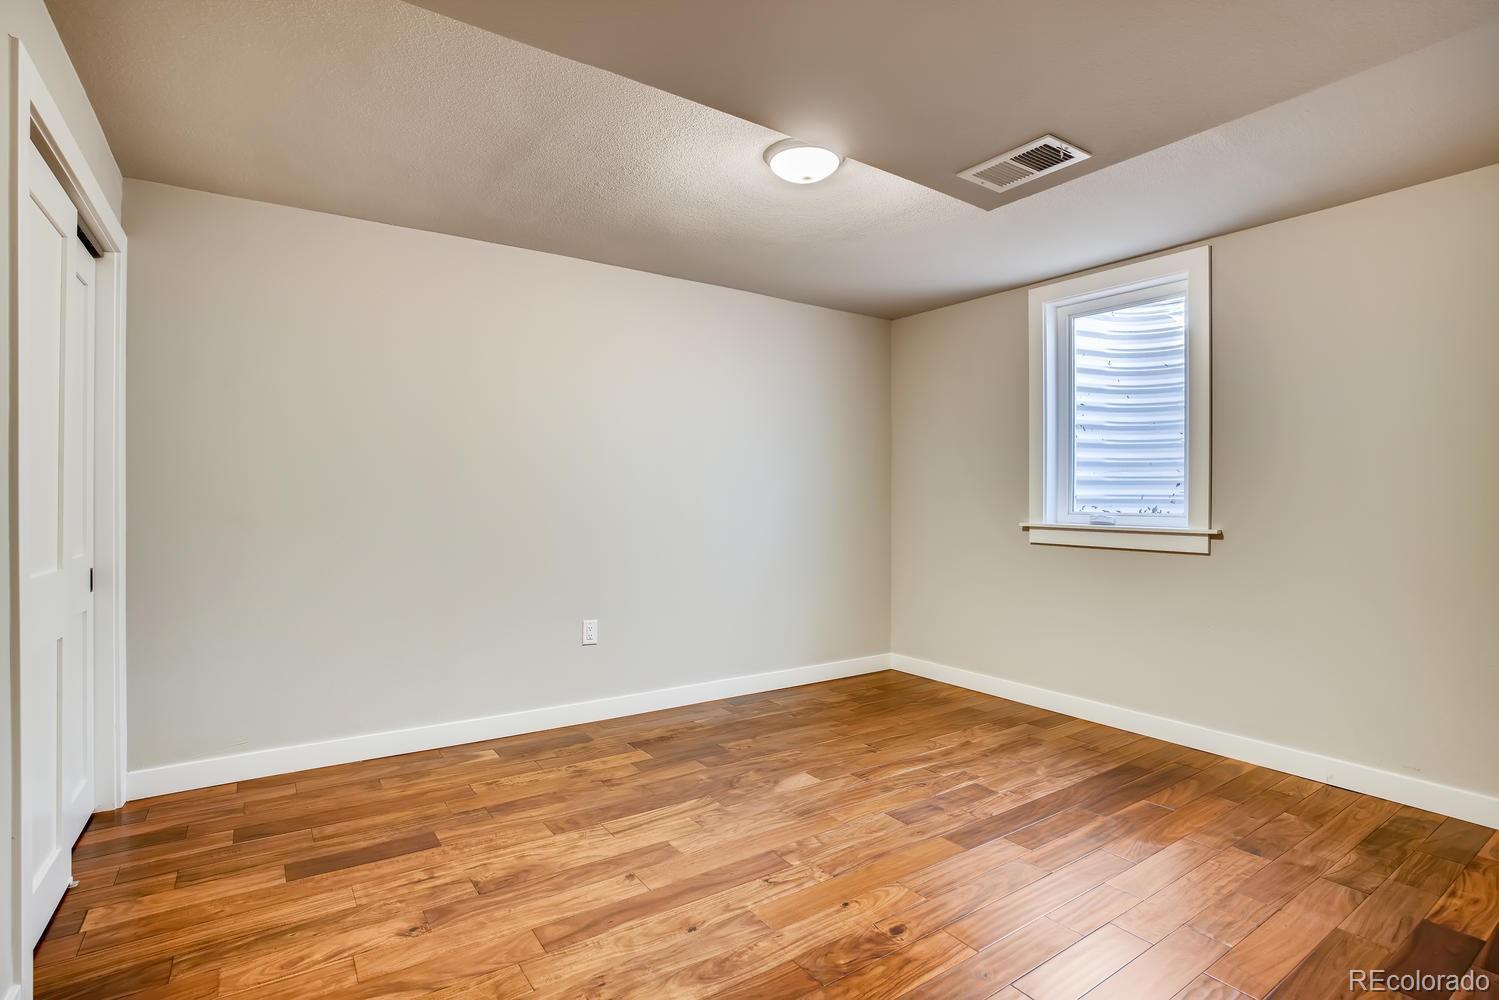 MLS# 5685136 - 26 - 1821 S Fillmore Street, Denver, CO 80210